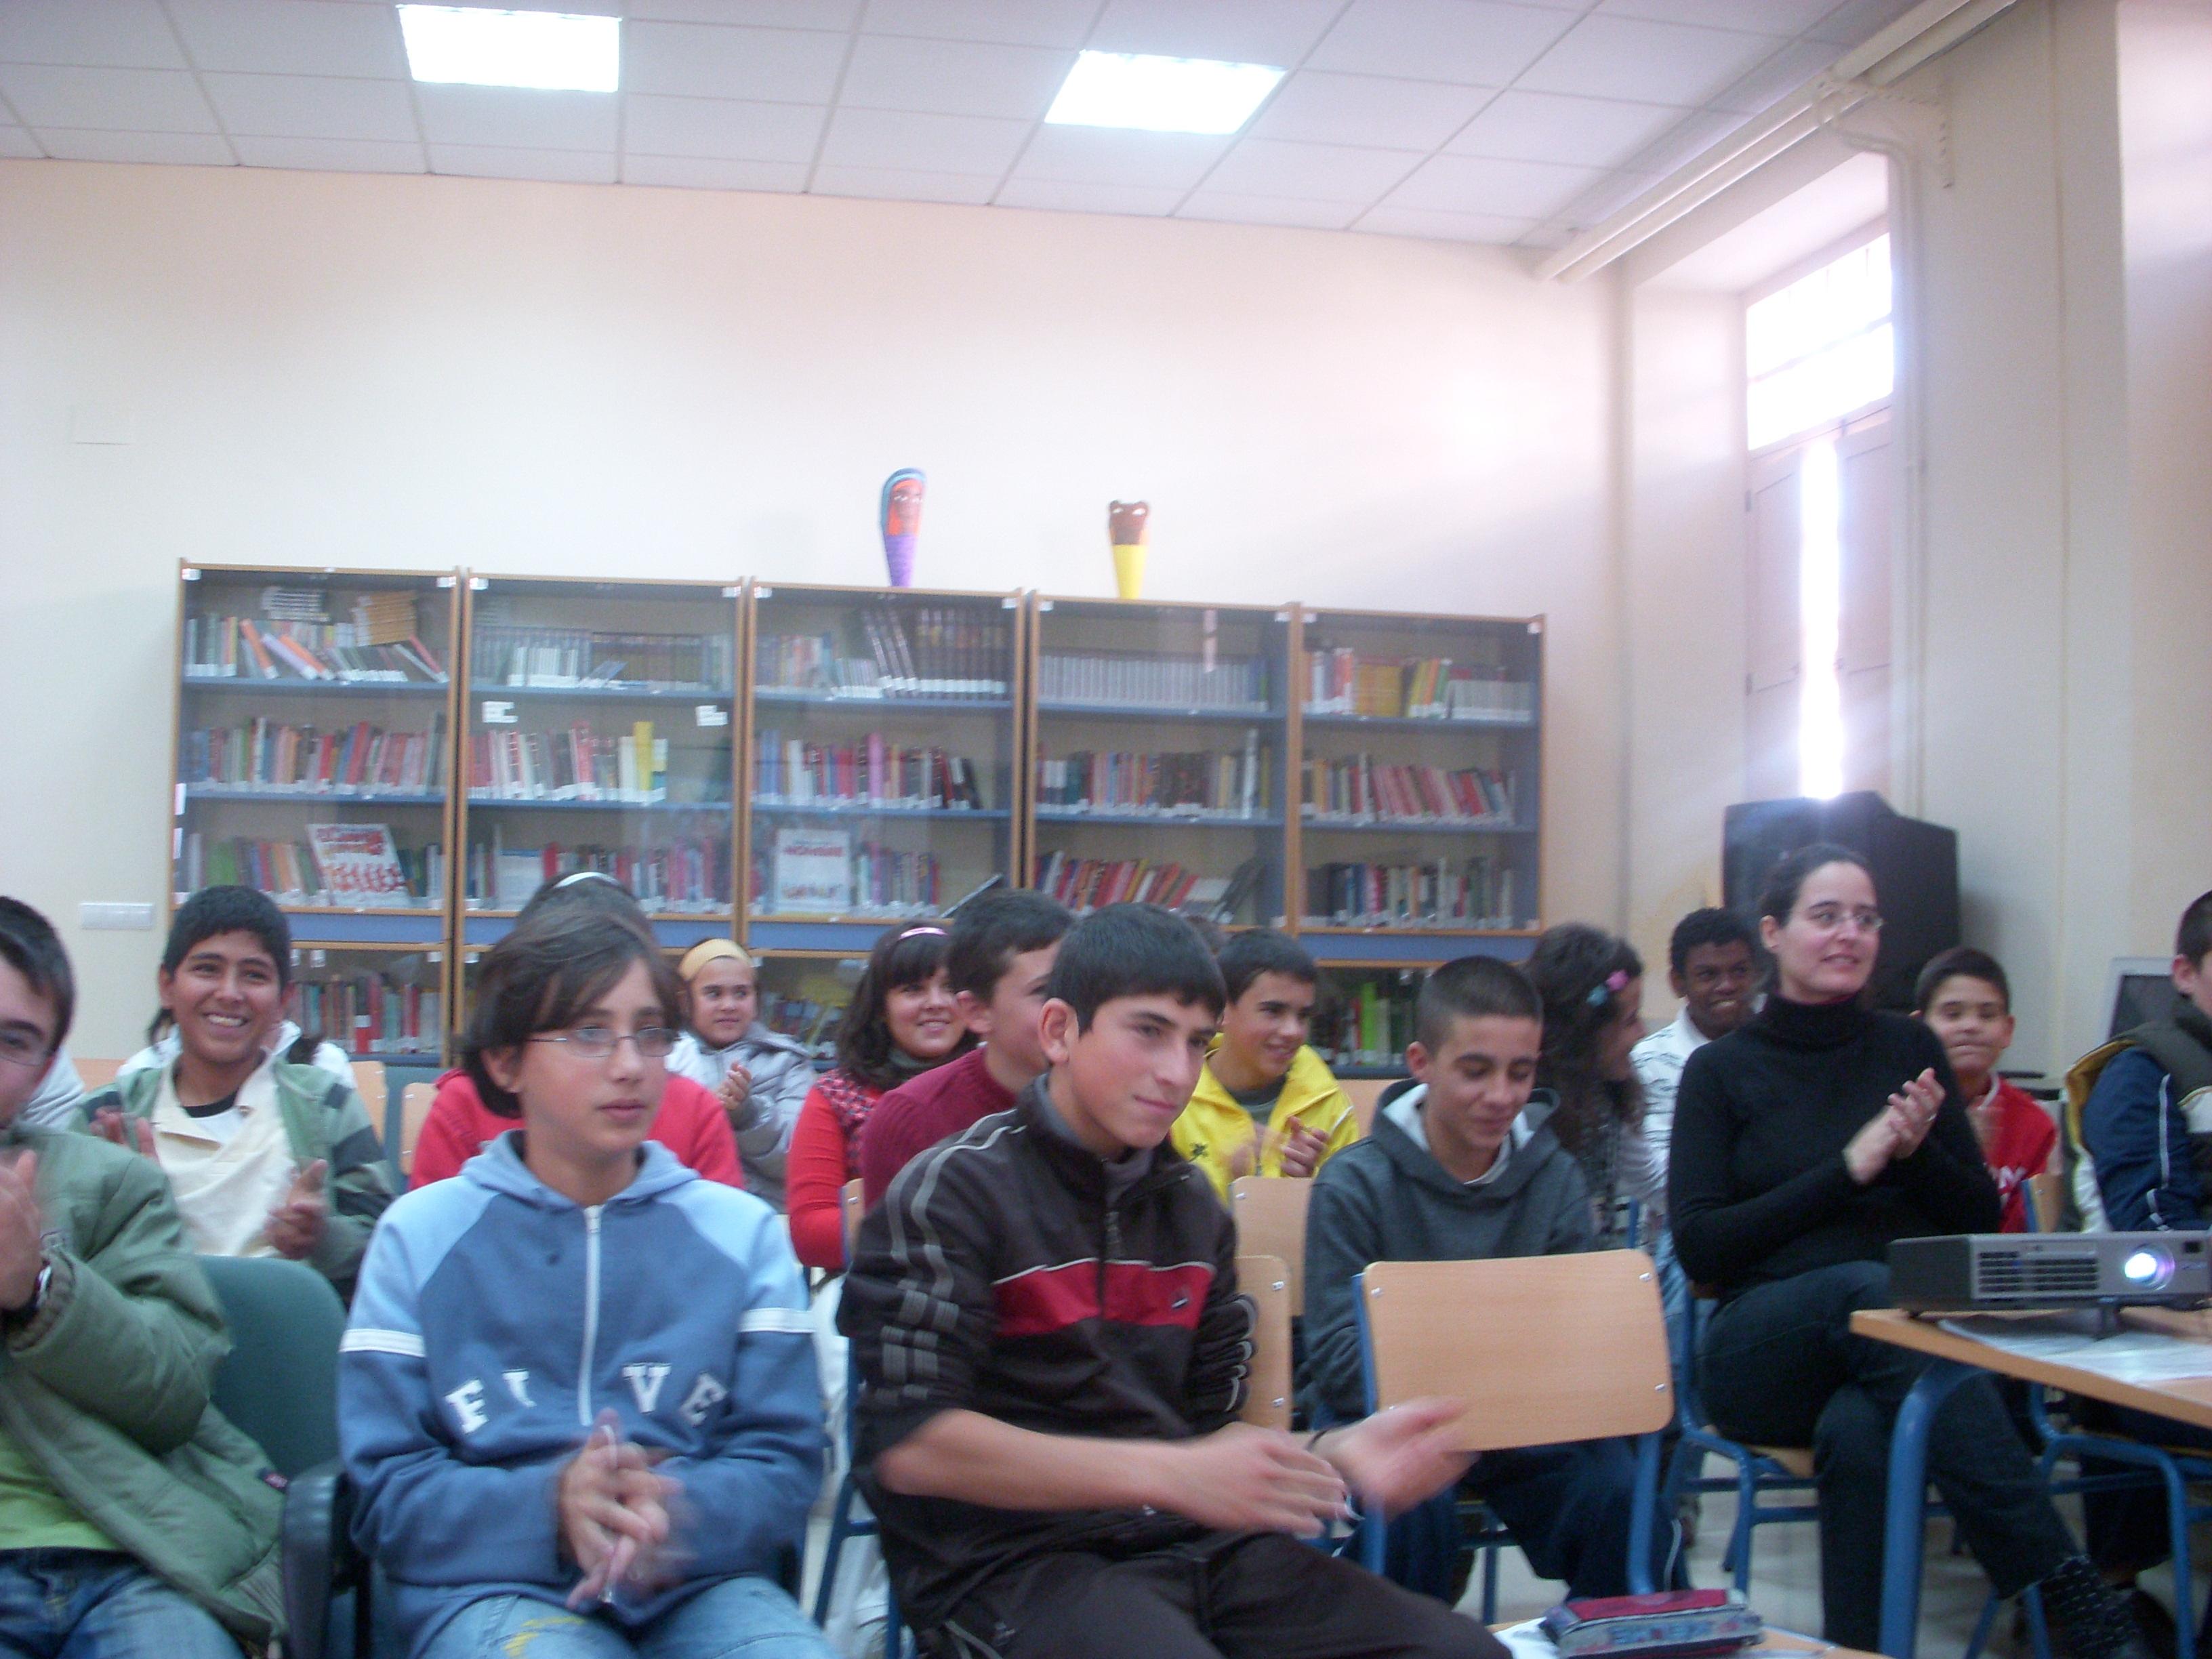 Colaboración del Instituto de Enseñanza Secundaria SÁCILIS con Maizca.